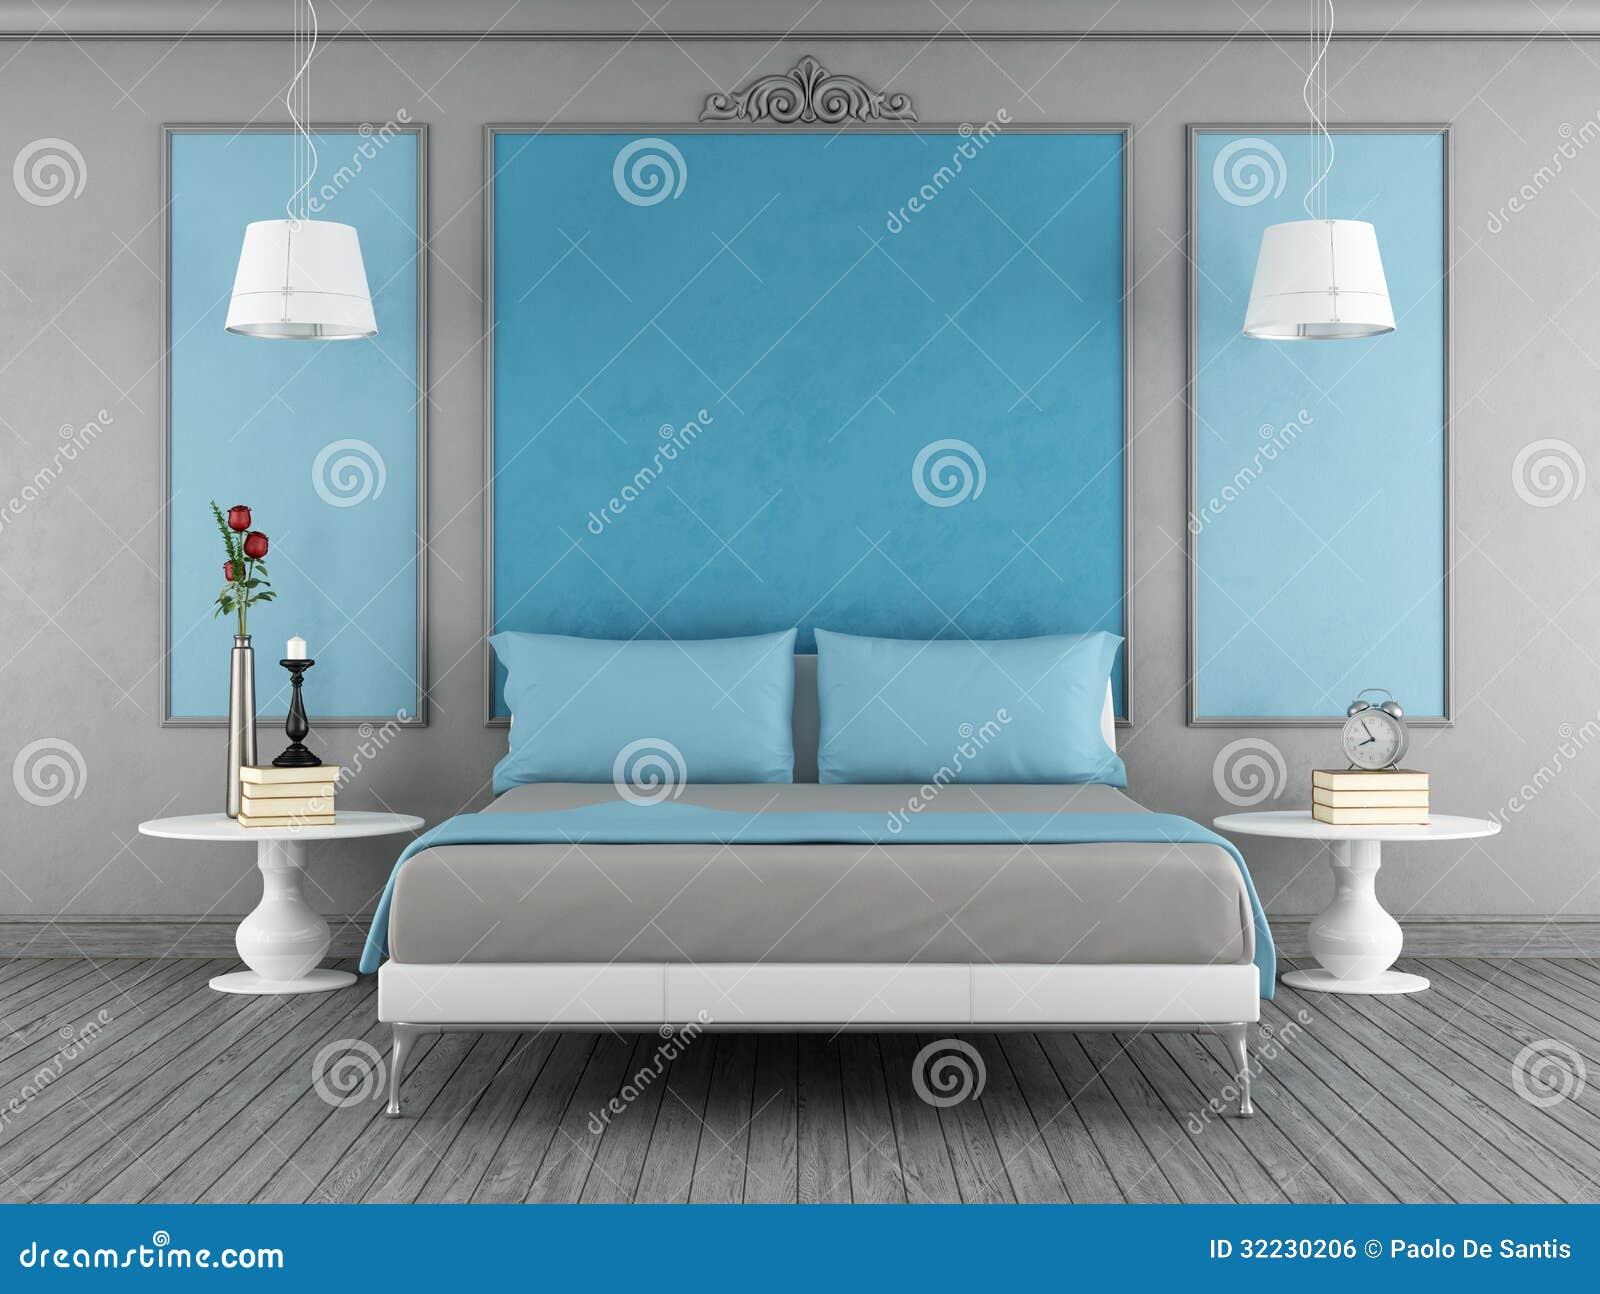 Blått och grått sovrum royaltyfri bild   bild: 32230206